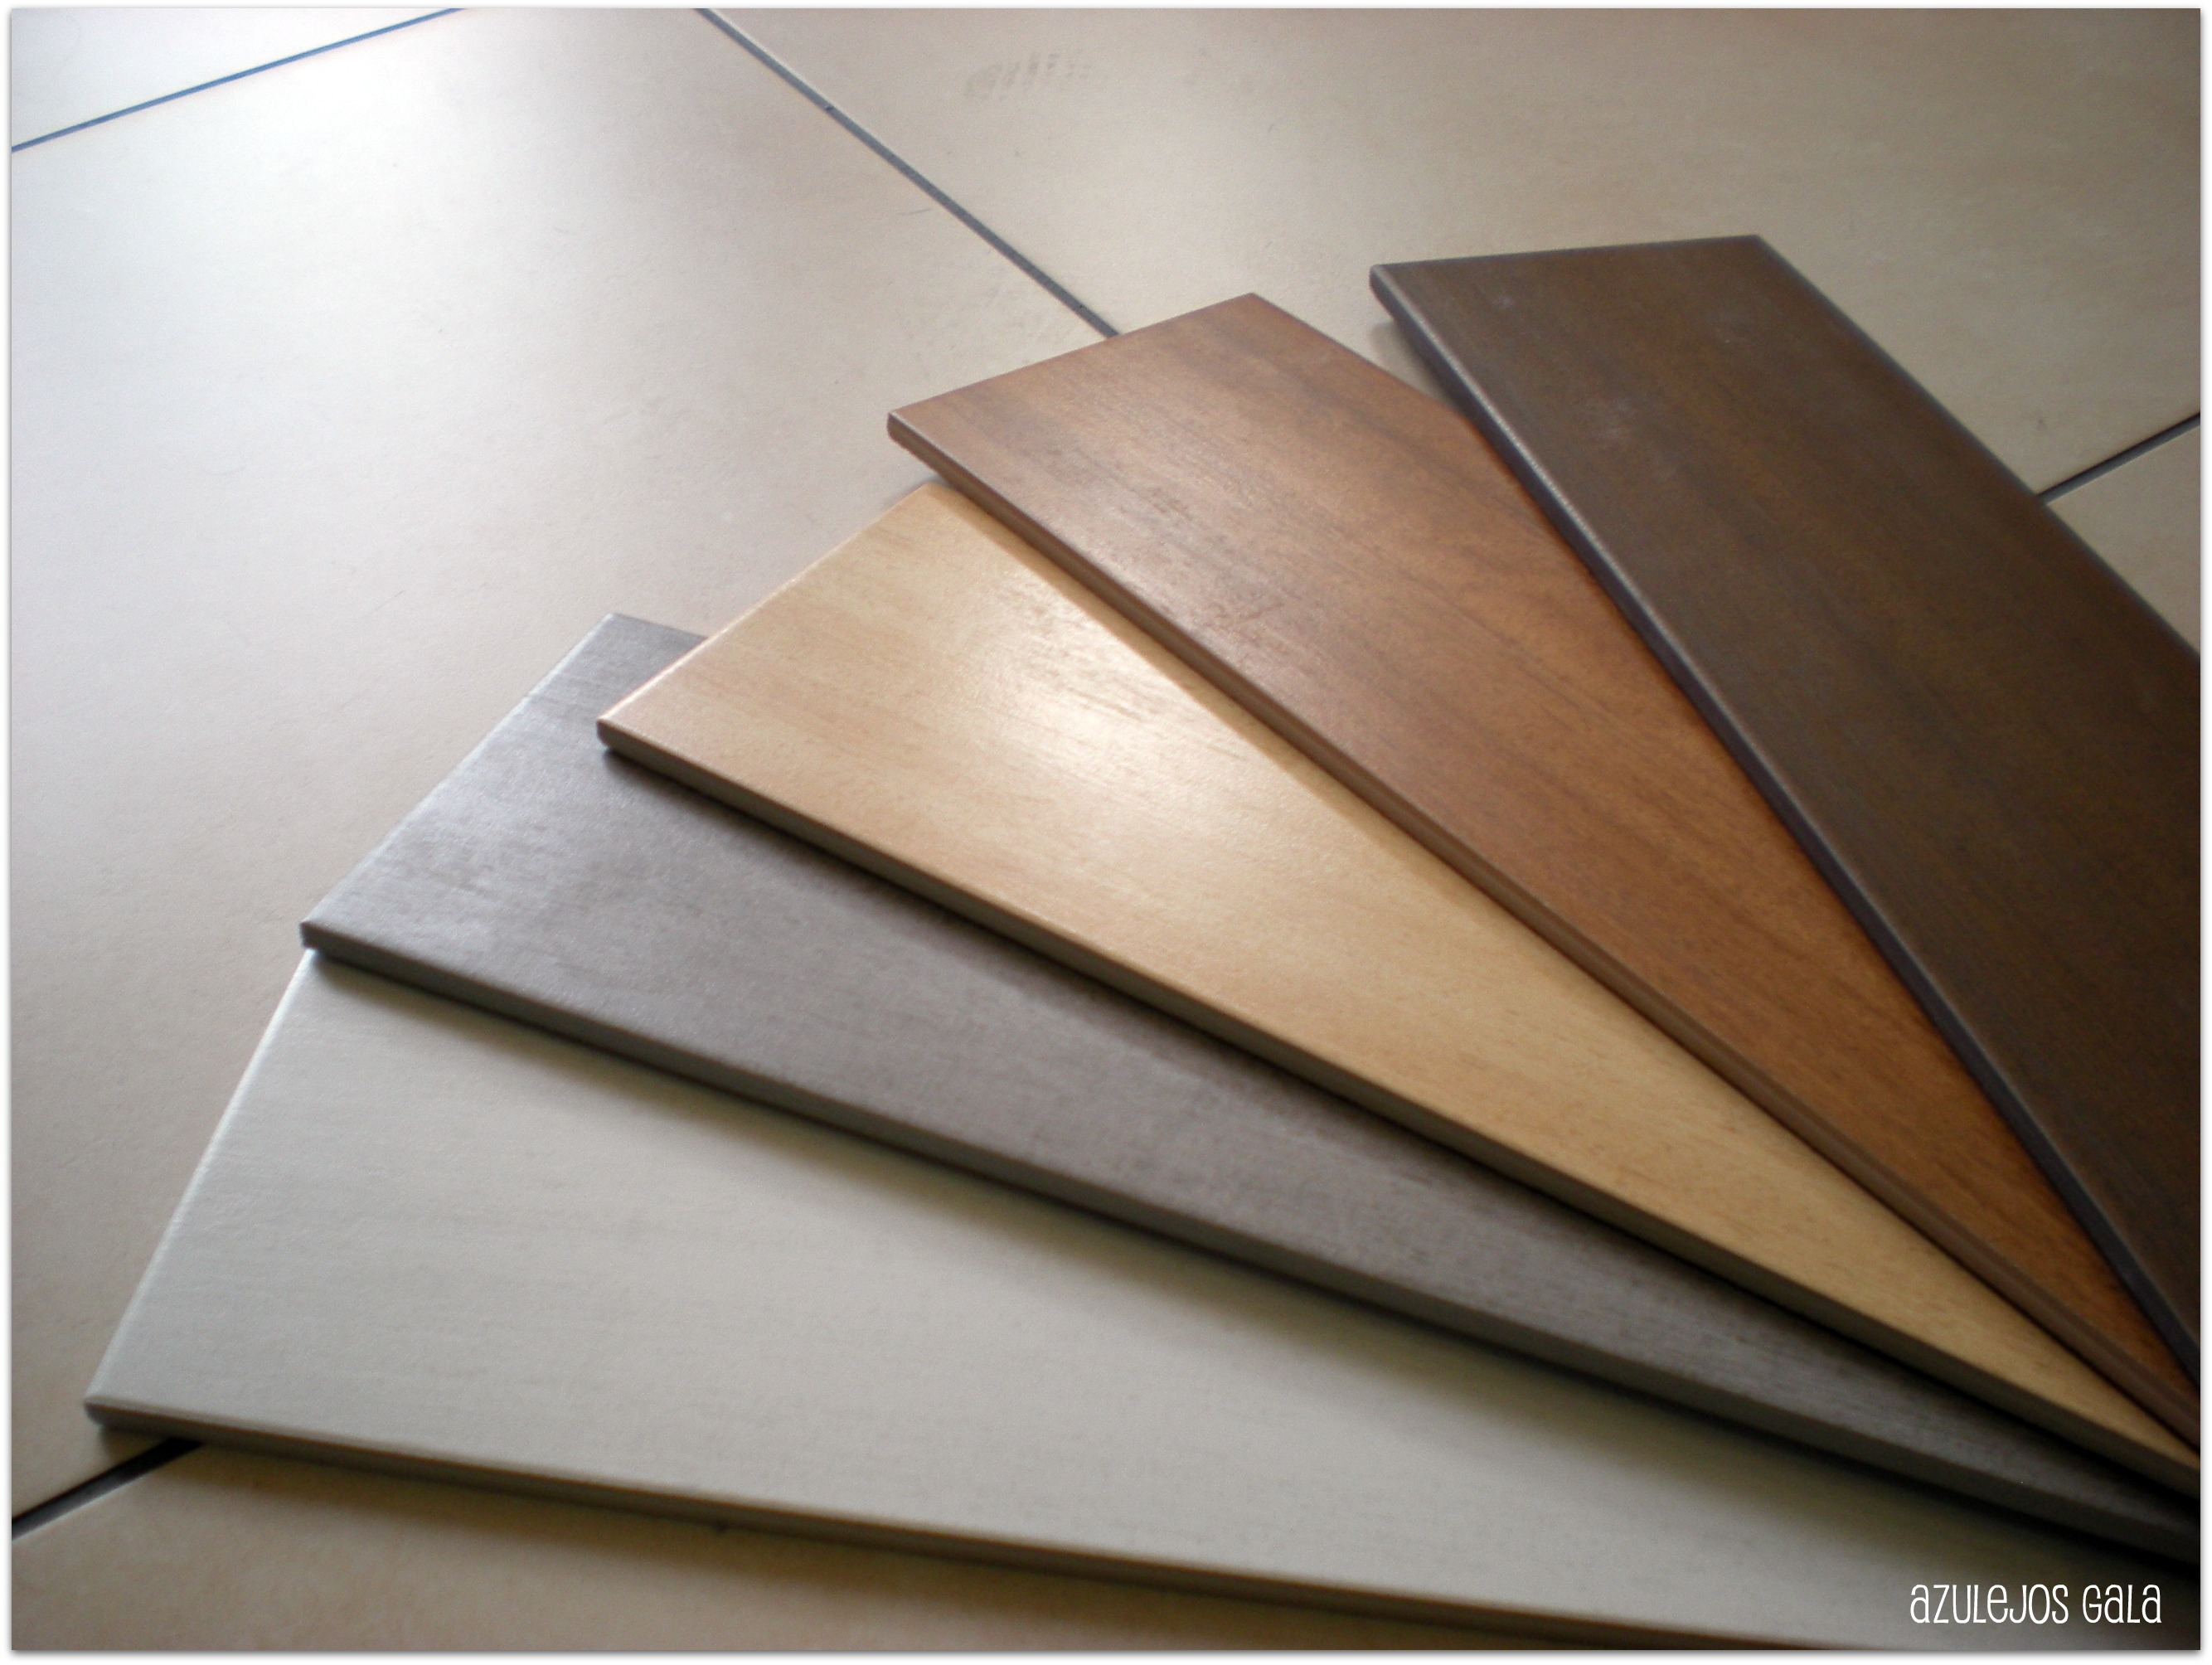 Decoracion mueble sofa suelo exterior imitacion madera - Azulejos suelo ...